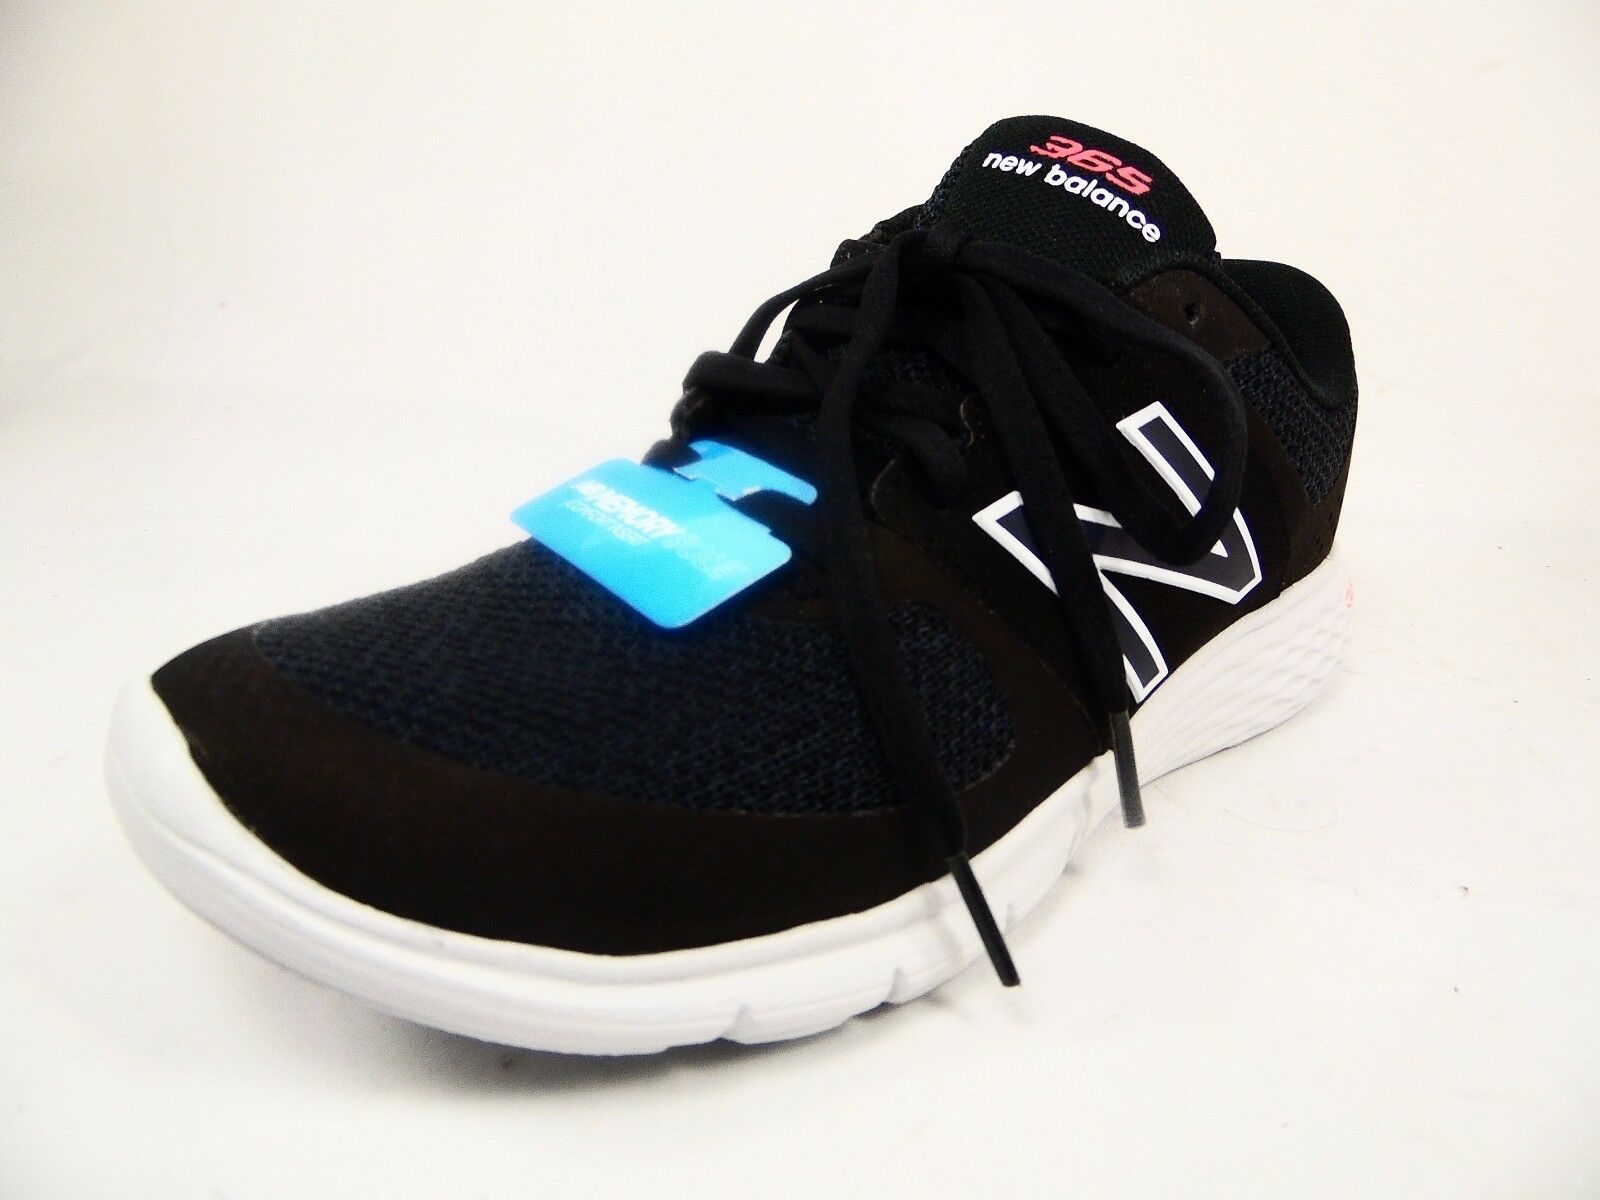 New Balance Balance Balance 365 donna Walking scarpe nero bianca Dimensione 6.5B WA365BK 1e1a49